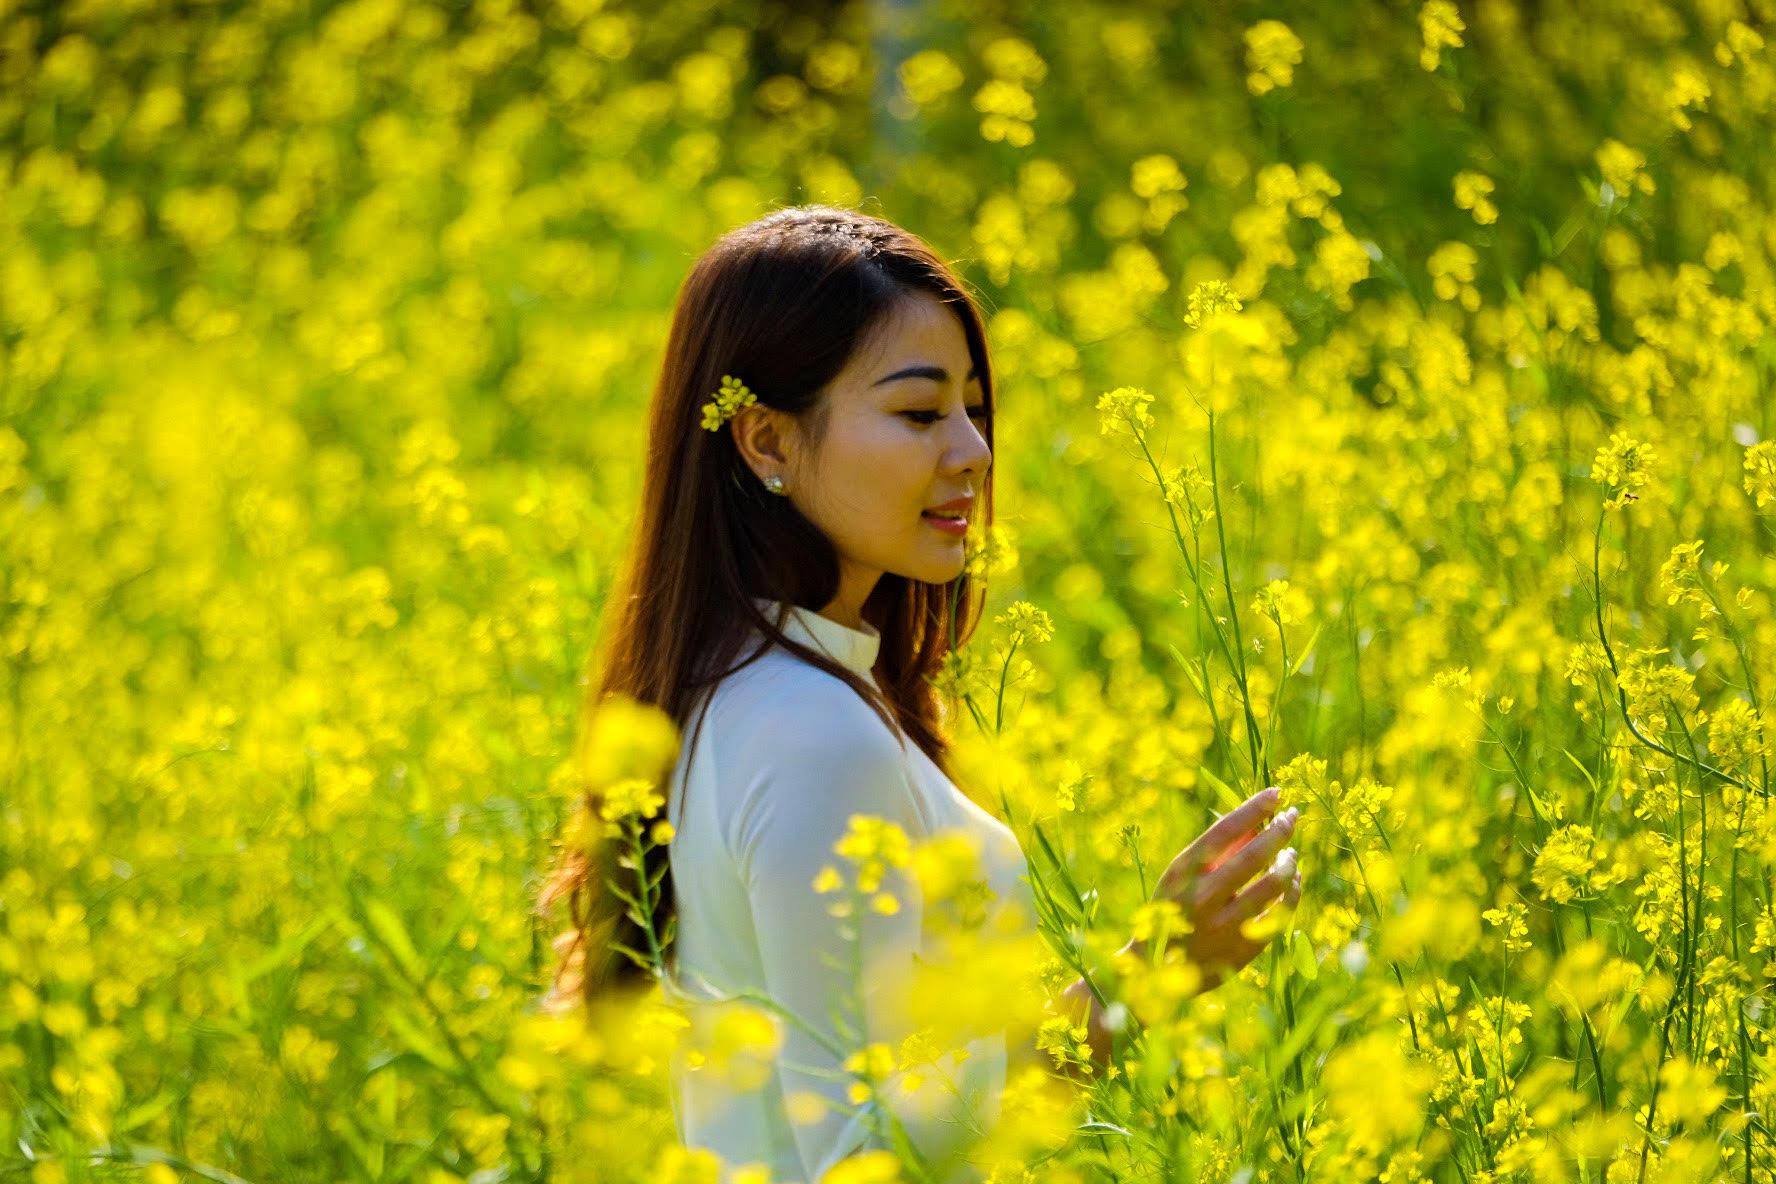 Địa điểm check-in các loài hoa đẹp bậc nhất trên thế giới nằm giữa lòng Hà Nội - Ảnh 6.